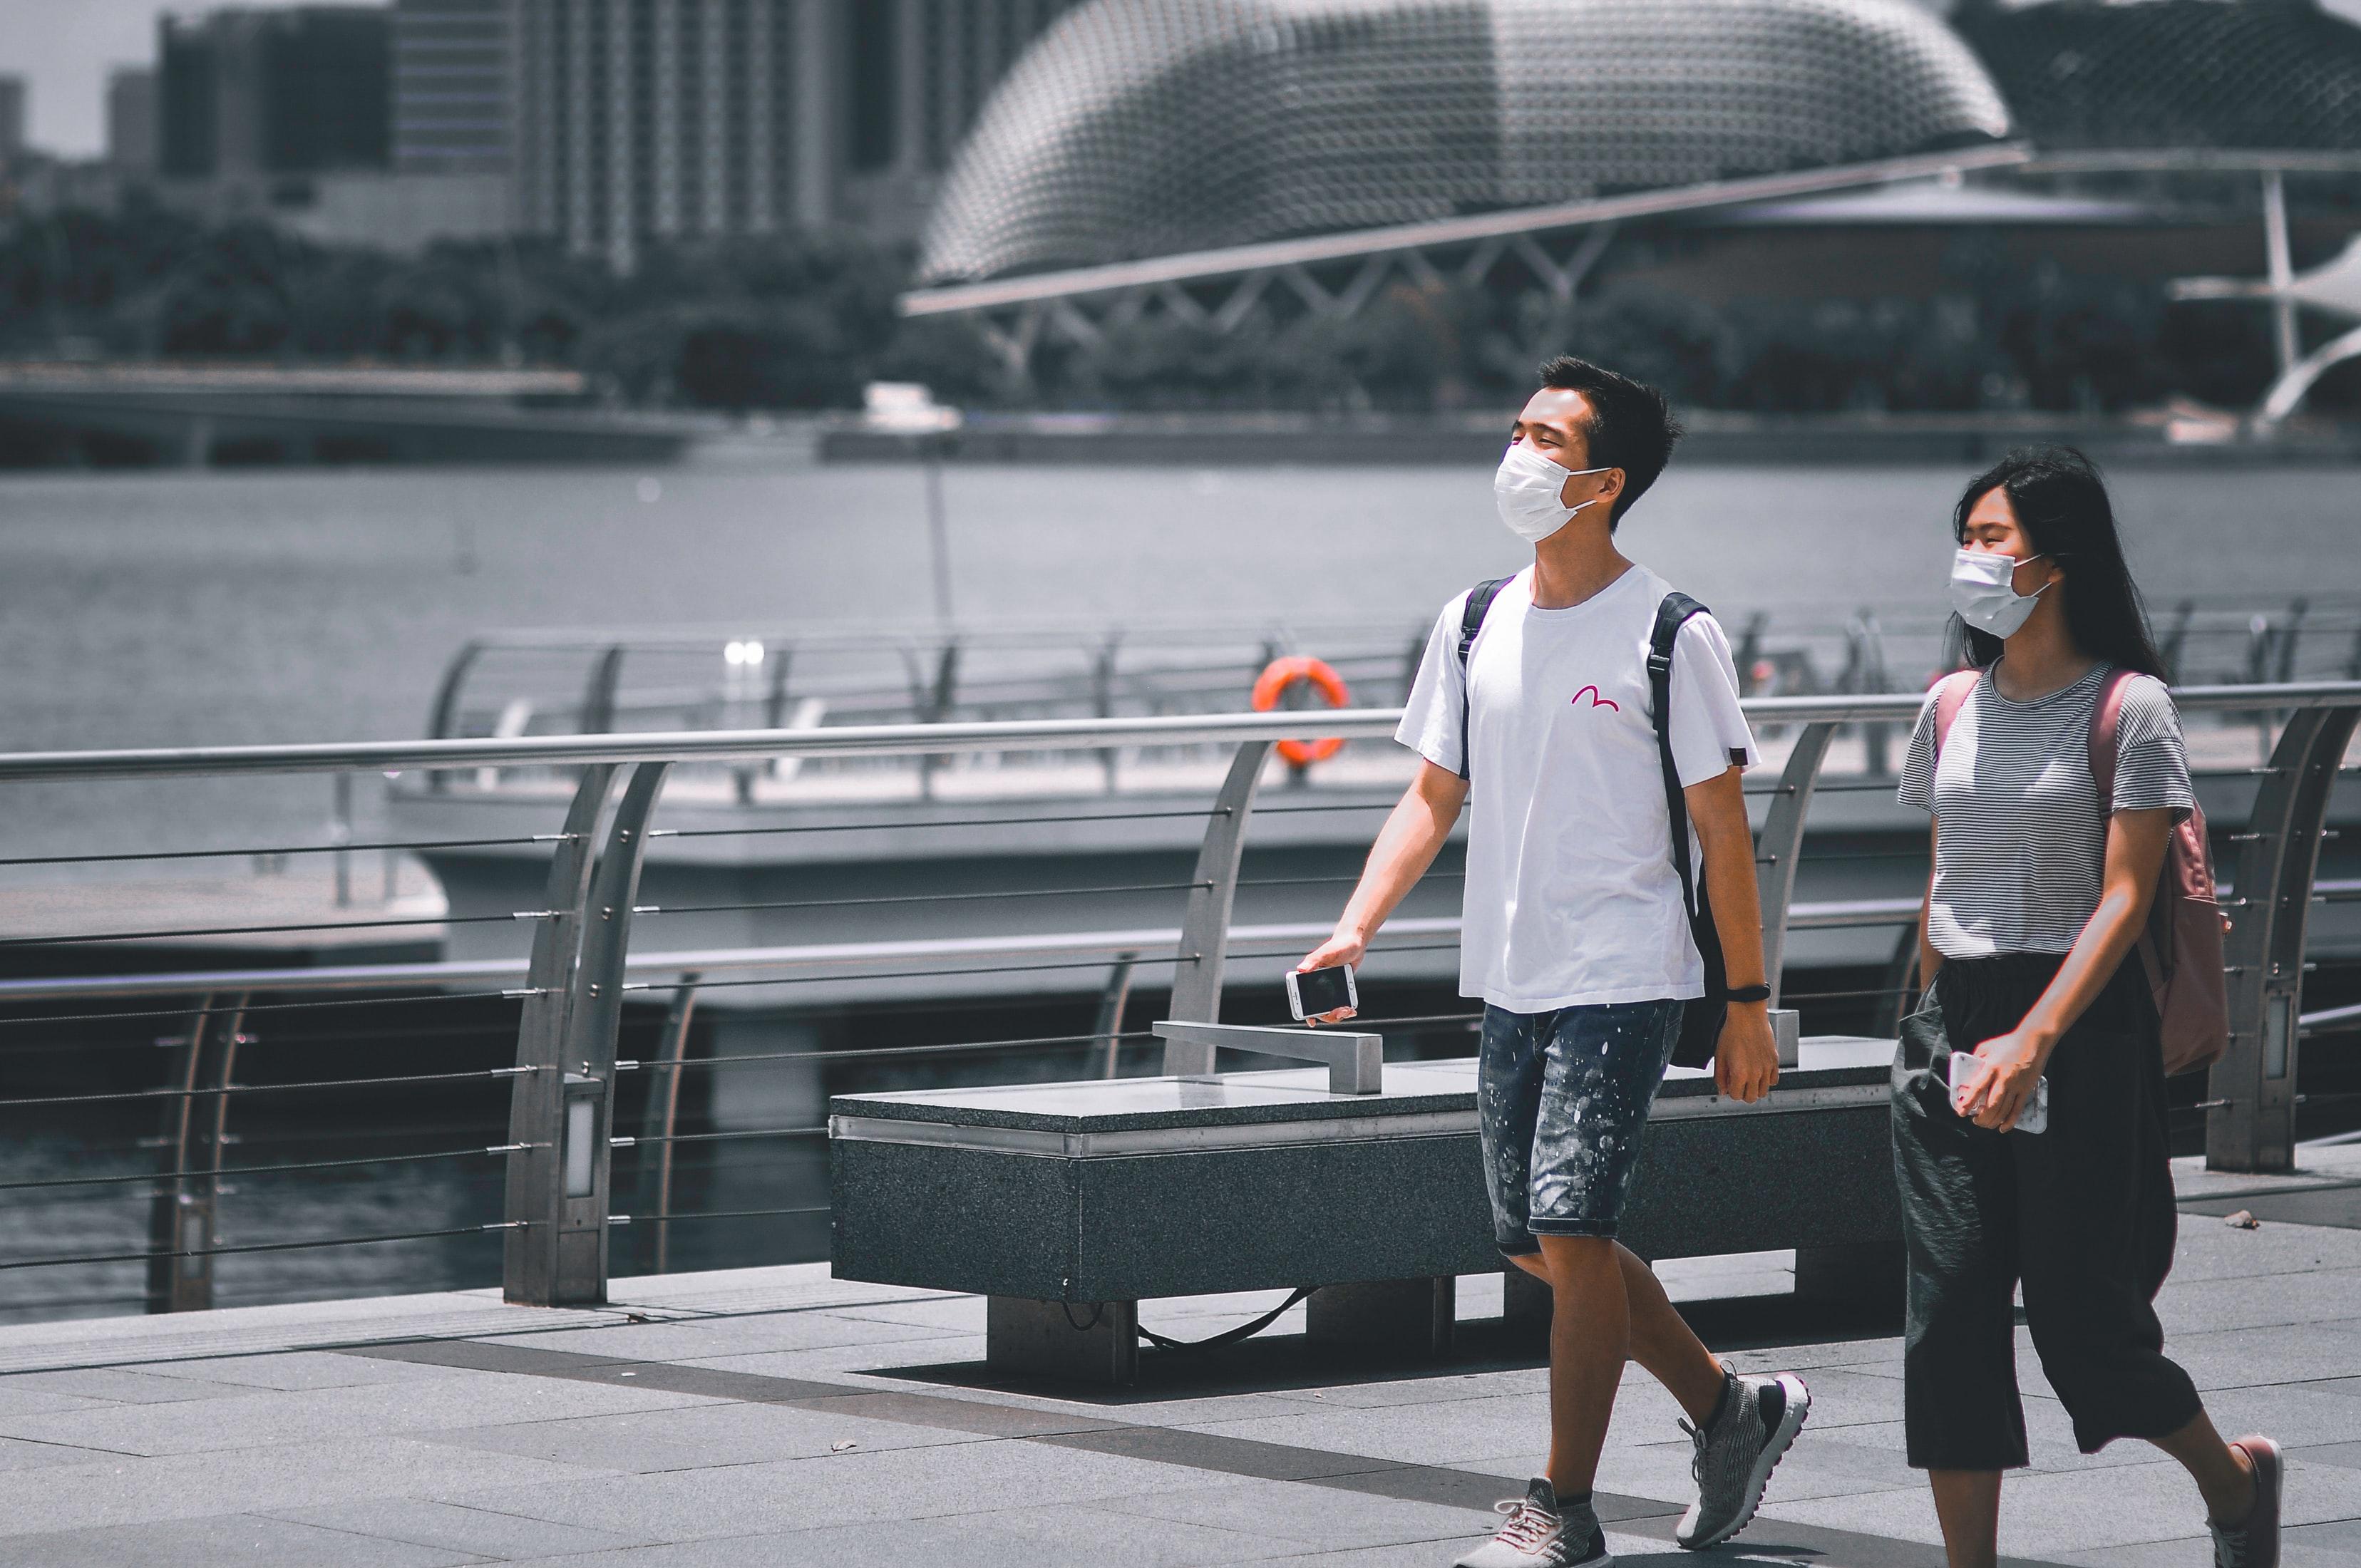 singapur turysci w maseczkach